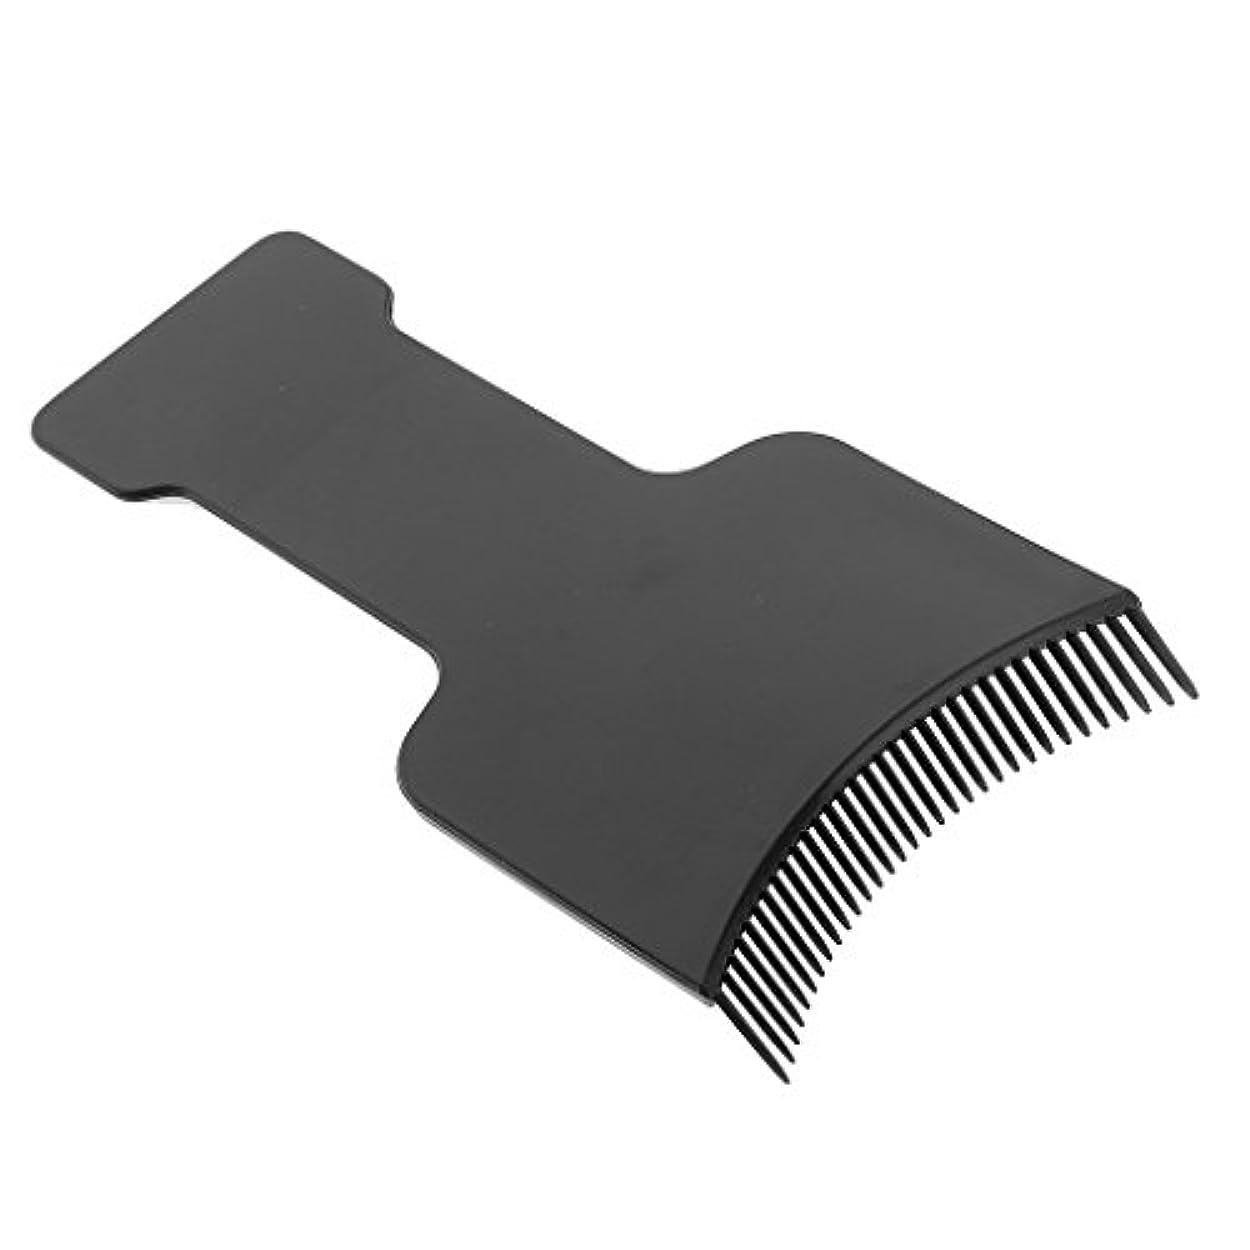 買い物に行くトーンなんでもヘアカラー ボード 髪 染色 ツール ブラック 全4サイズ - S